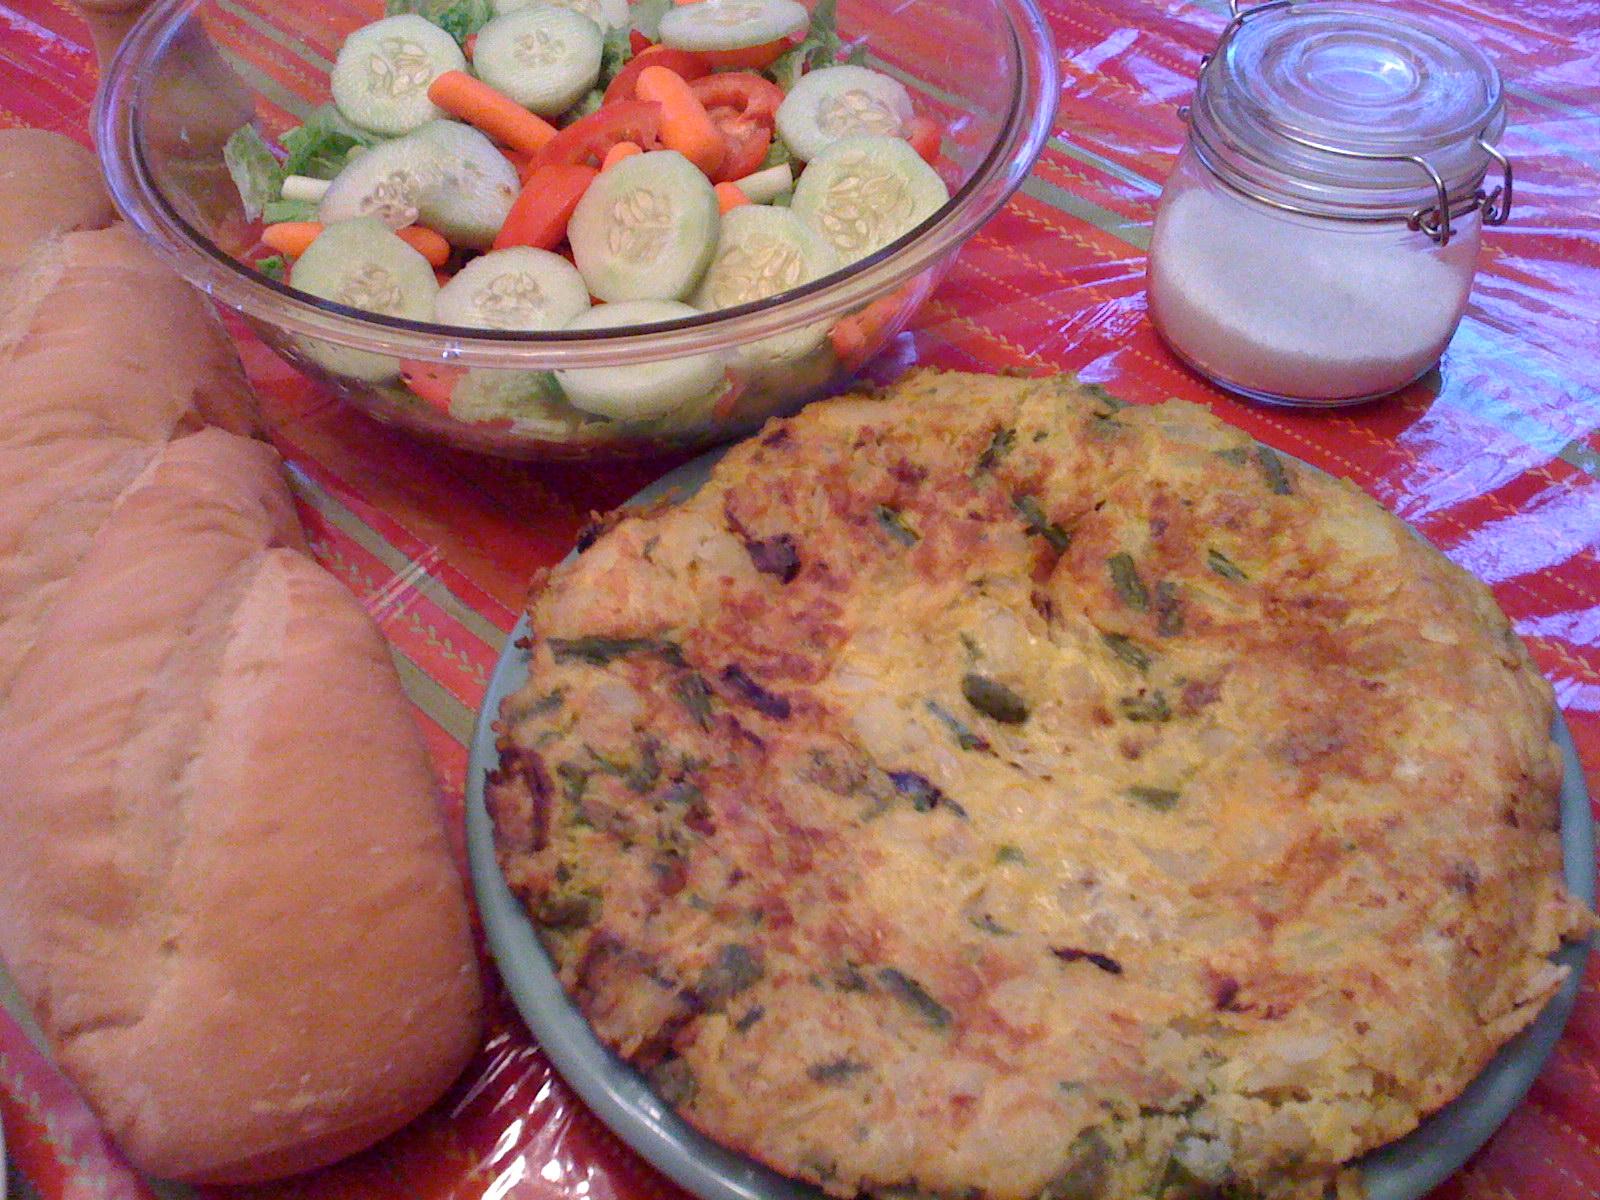 Monday's with Mami - Tortilla Espanola con Esparrago